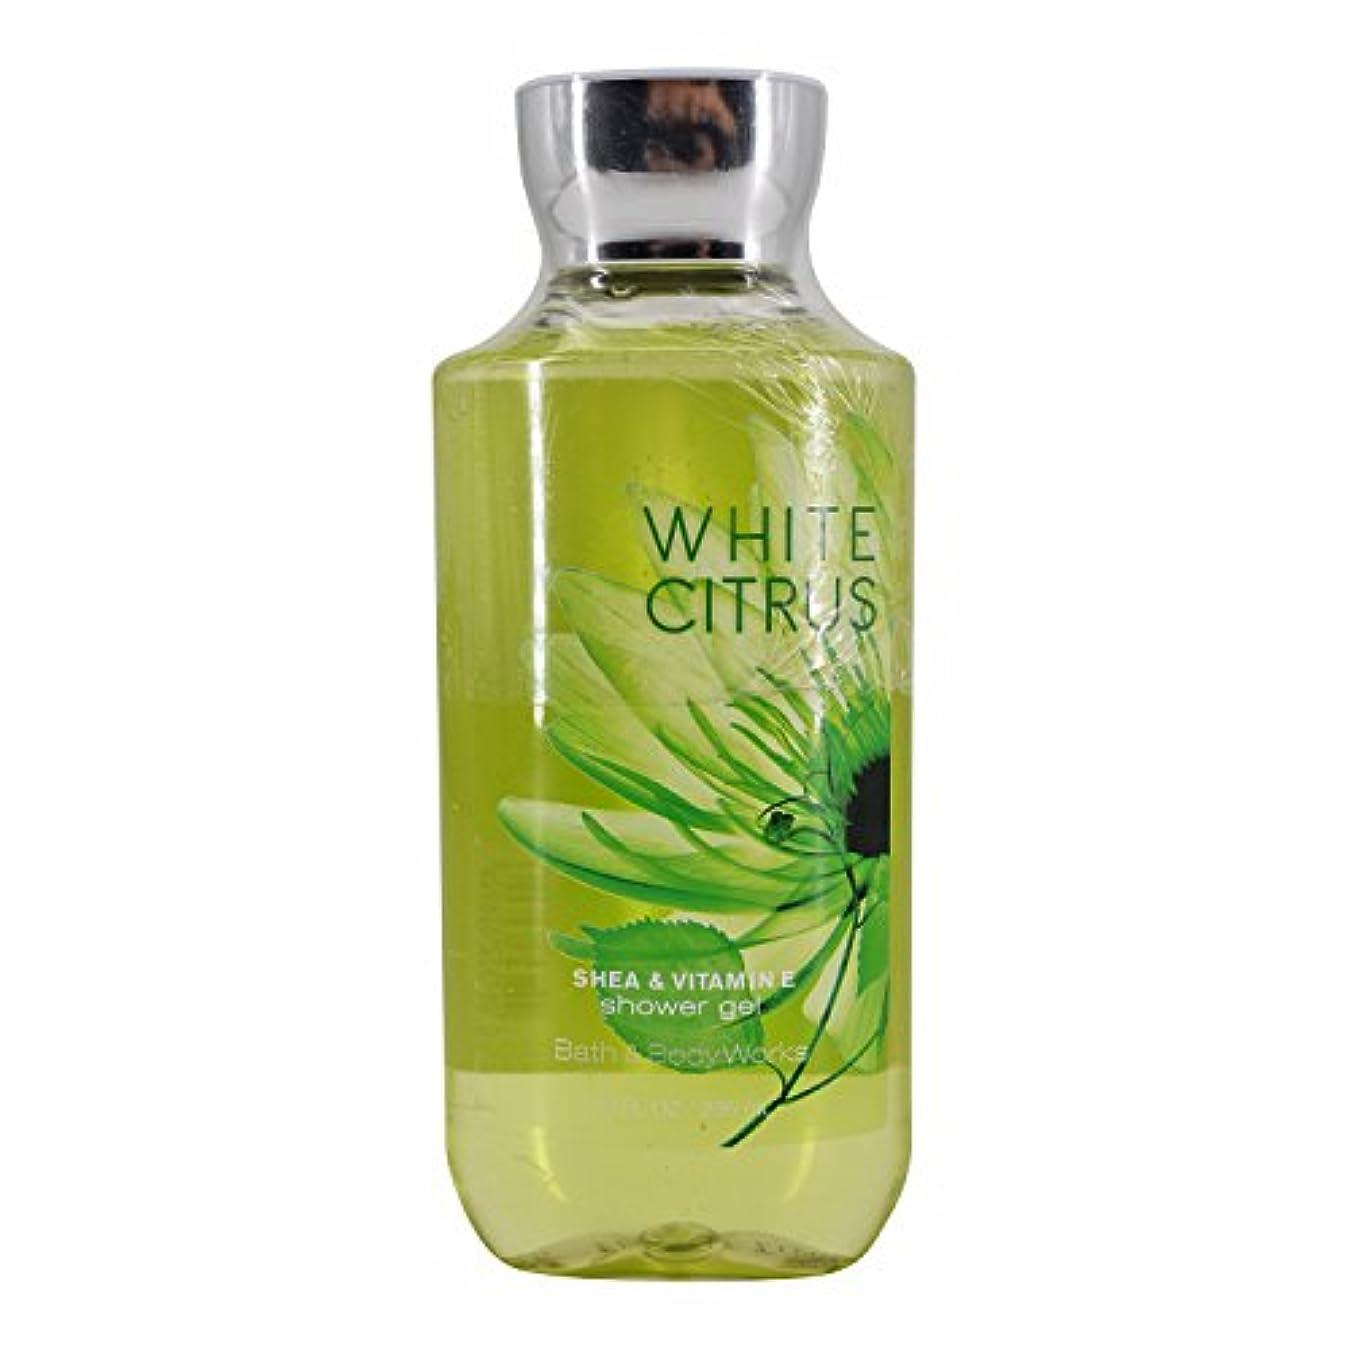 作りタービン旅行者バス&ボディワークス ホワイトシトラス シャワージェル White Citrus Shea & Vitamin-E Shower Gel